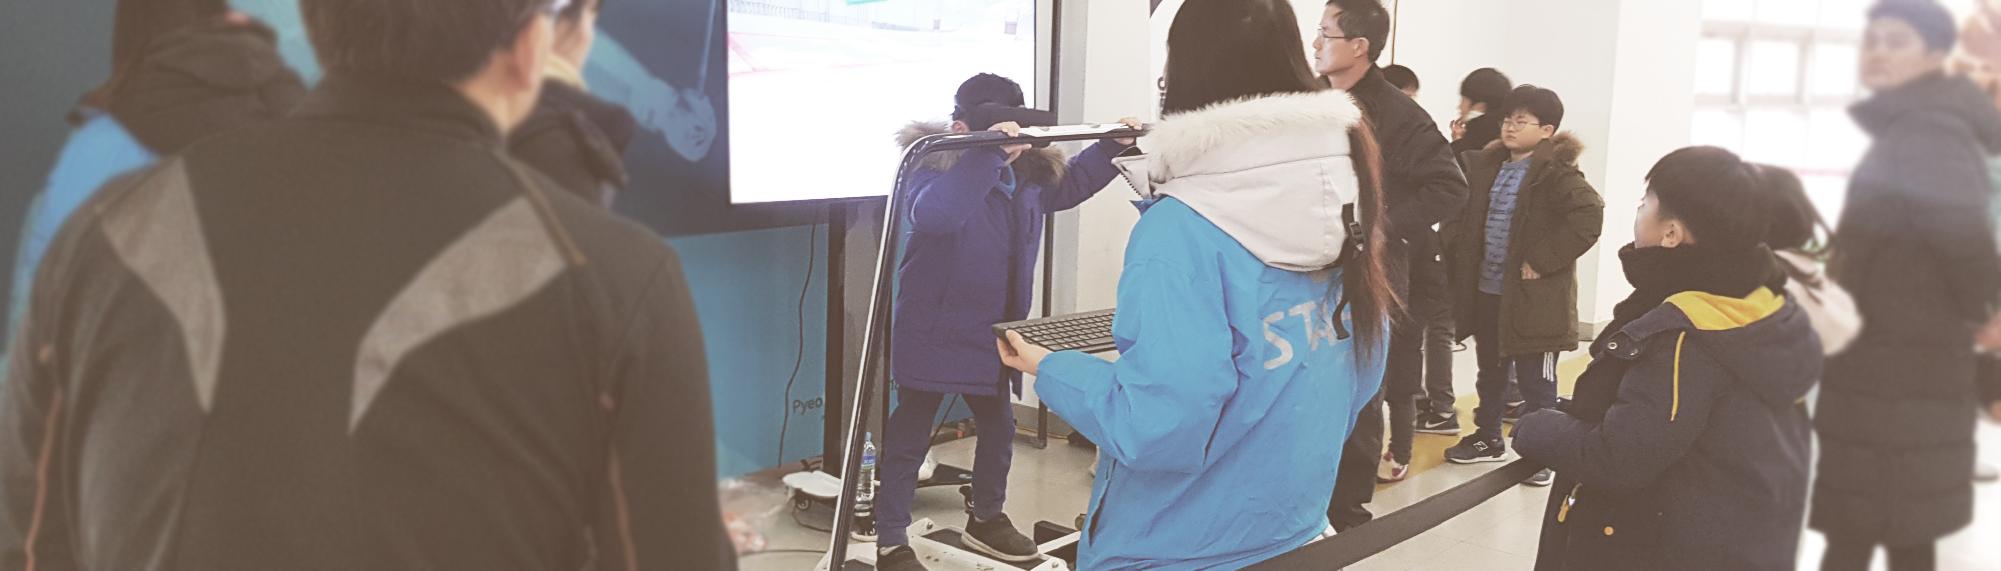 2019 평창 동계올림픽 1주년 기념 대축제